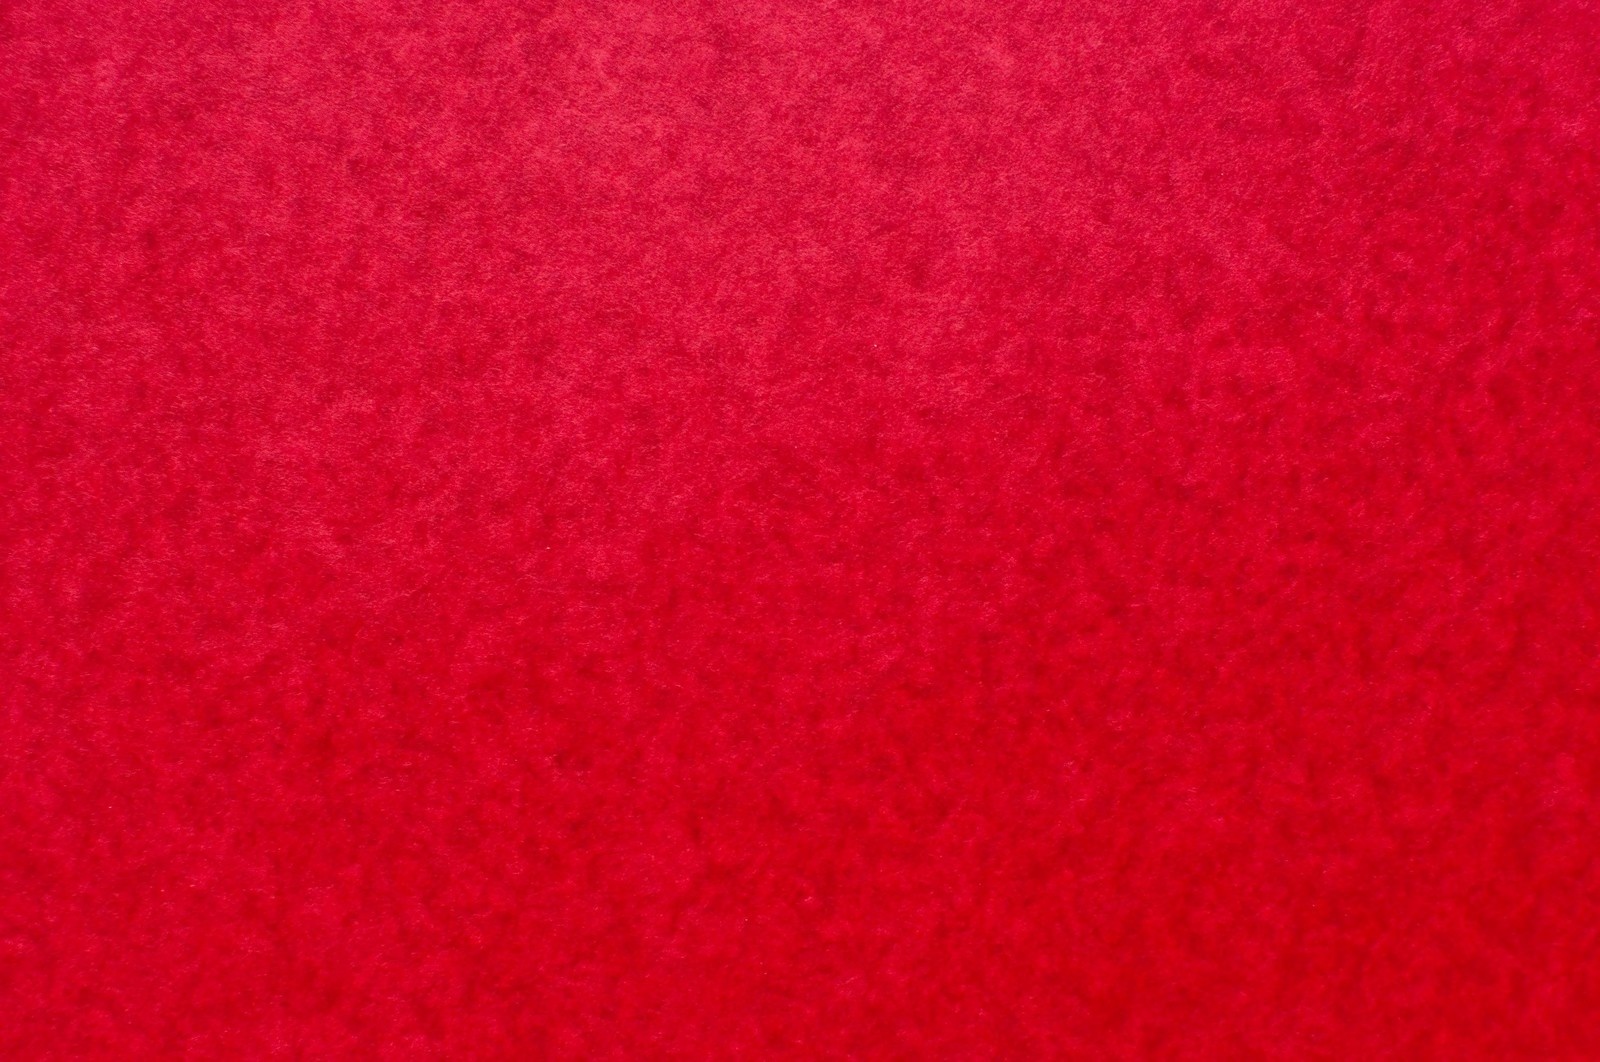 「赤い紙のテクスチャー」の写真